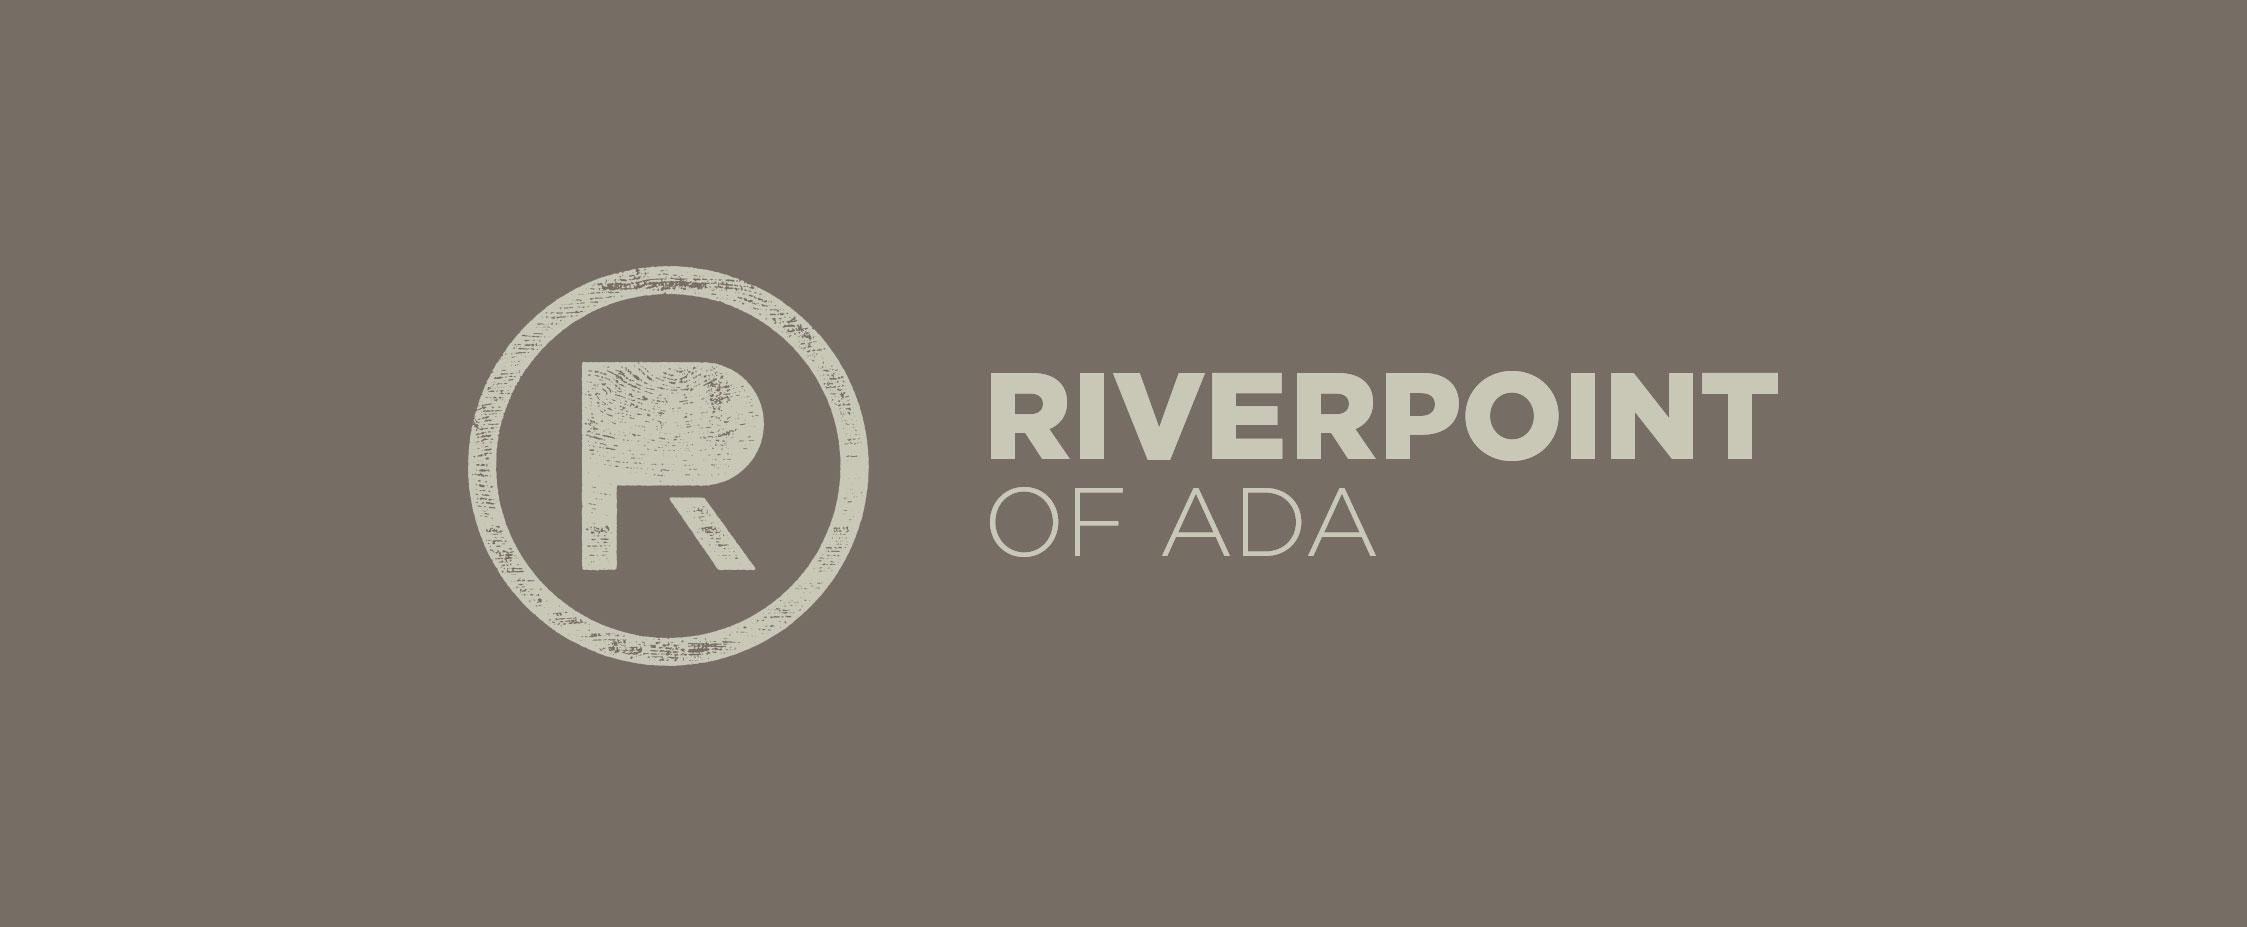 Riverpoint header